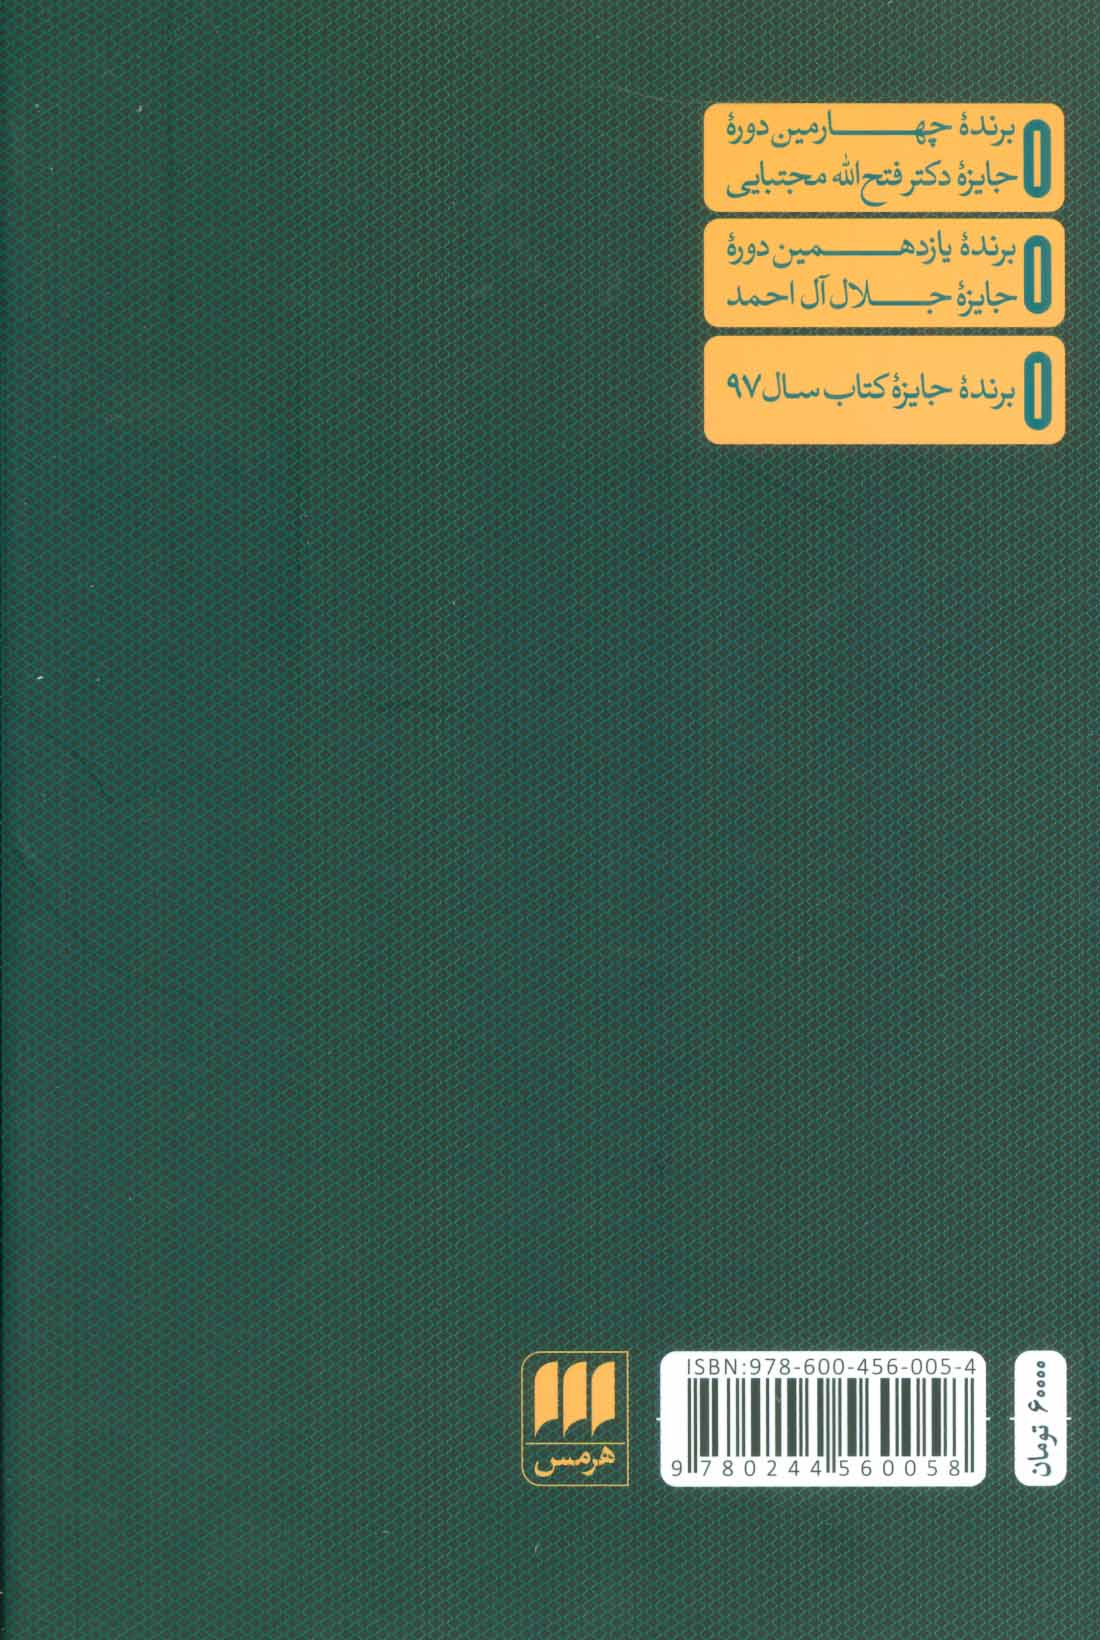 بلاغت ساختارهای نحوی در تاریخ بیهقی (زبان و ادبیات79)